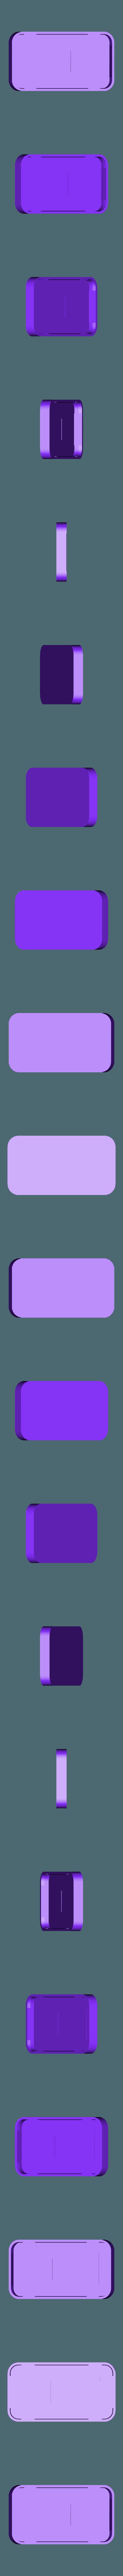 tshell.stl Télécharger fichier STL gratuit Capteur de posture portable bricolage • Modèle pour impression 3D, MaxMKA